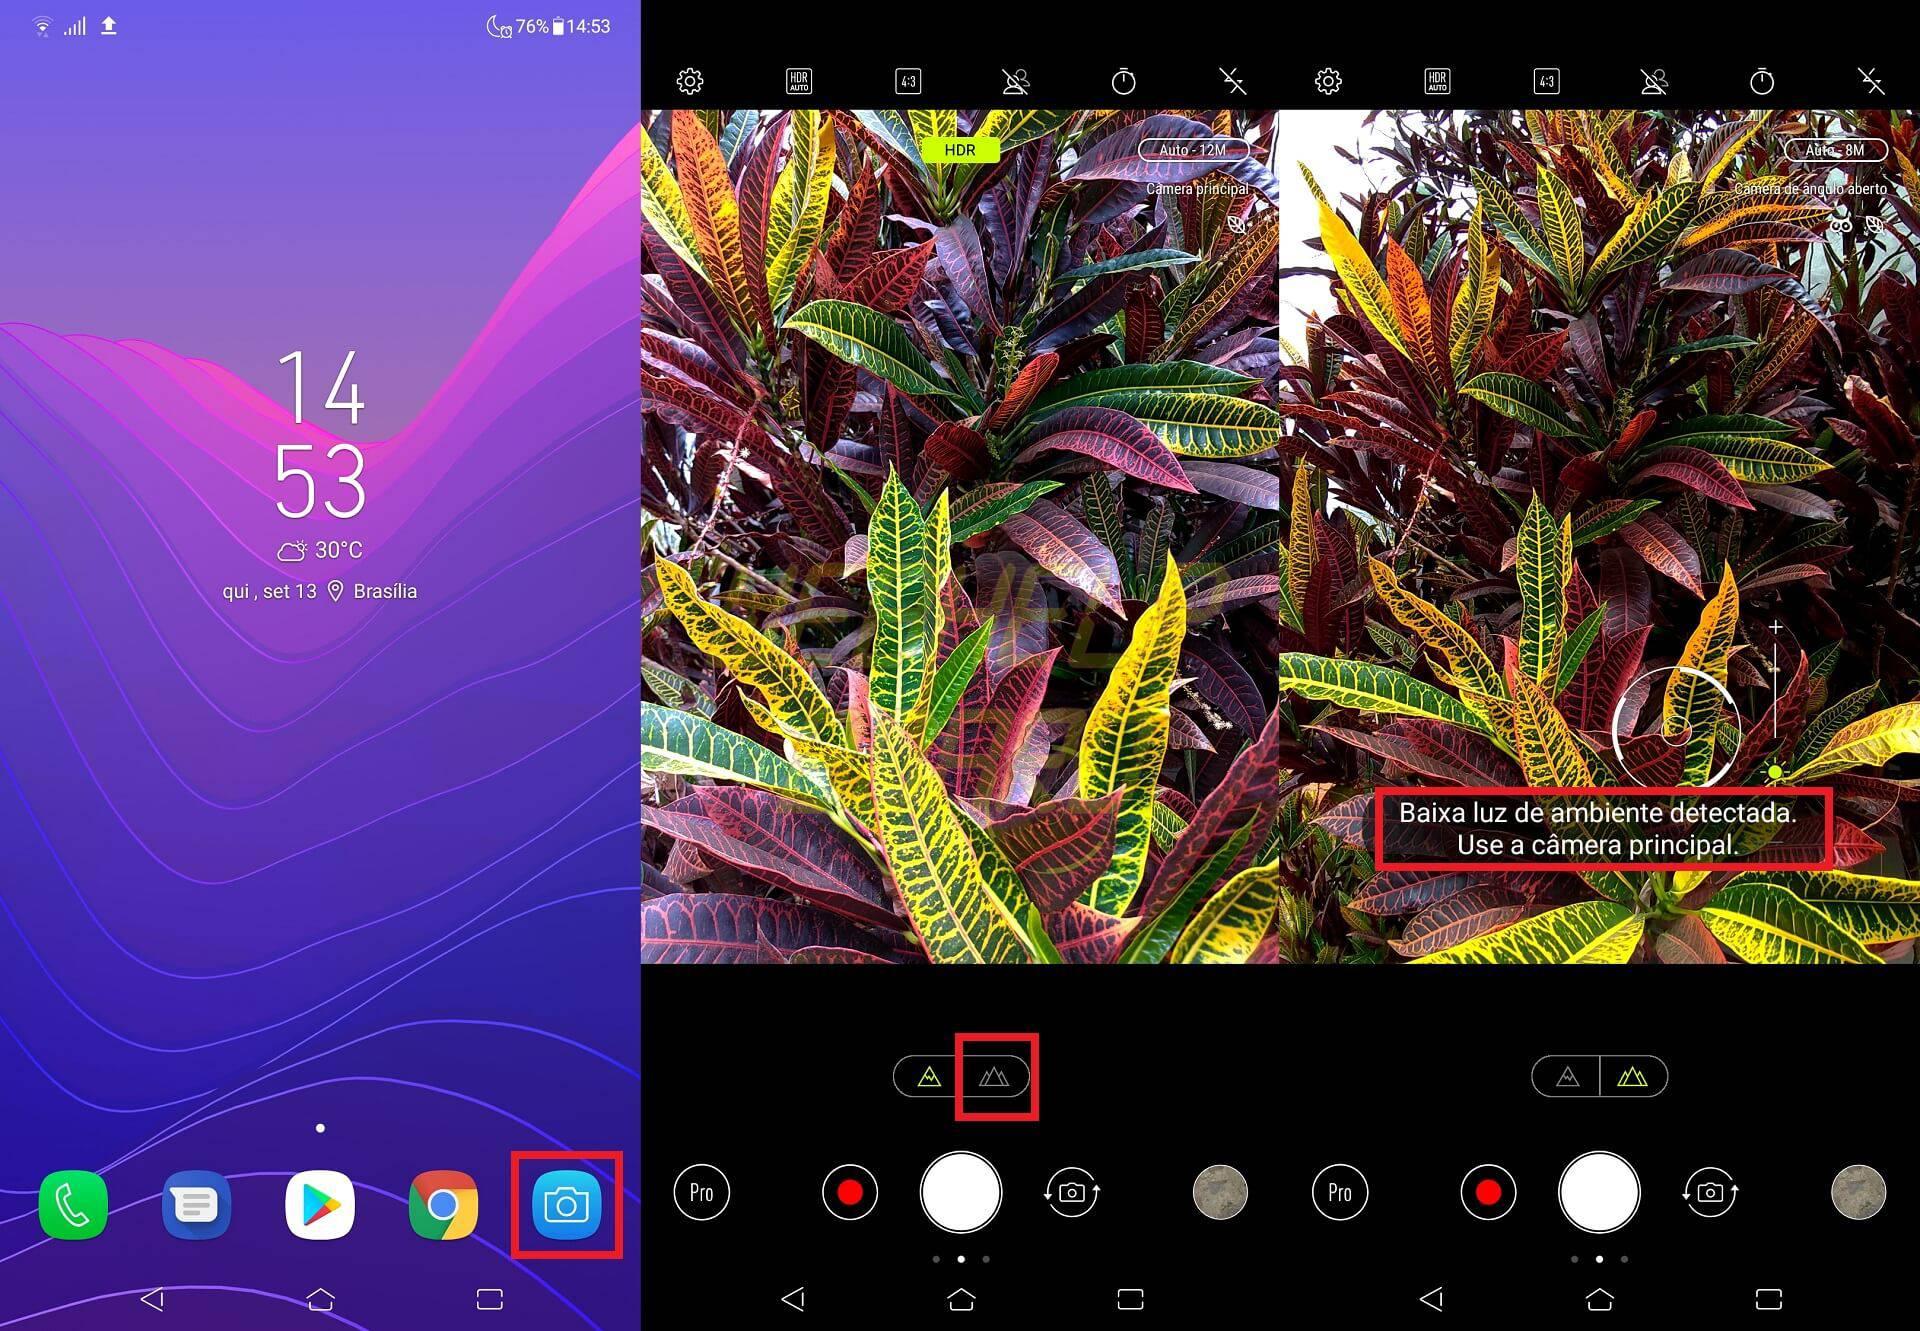 IMG 1 1 - Descubra 23 dicas e truques para os Asus Zenfone 5 e Zenfone 5Z